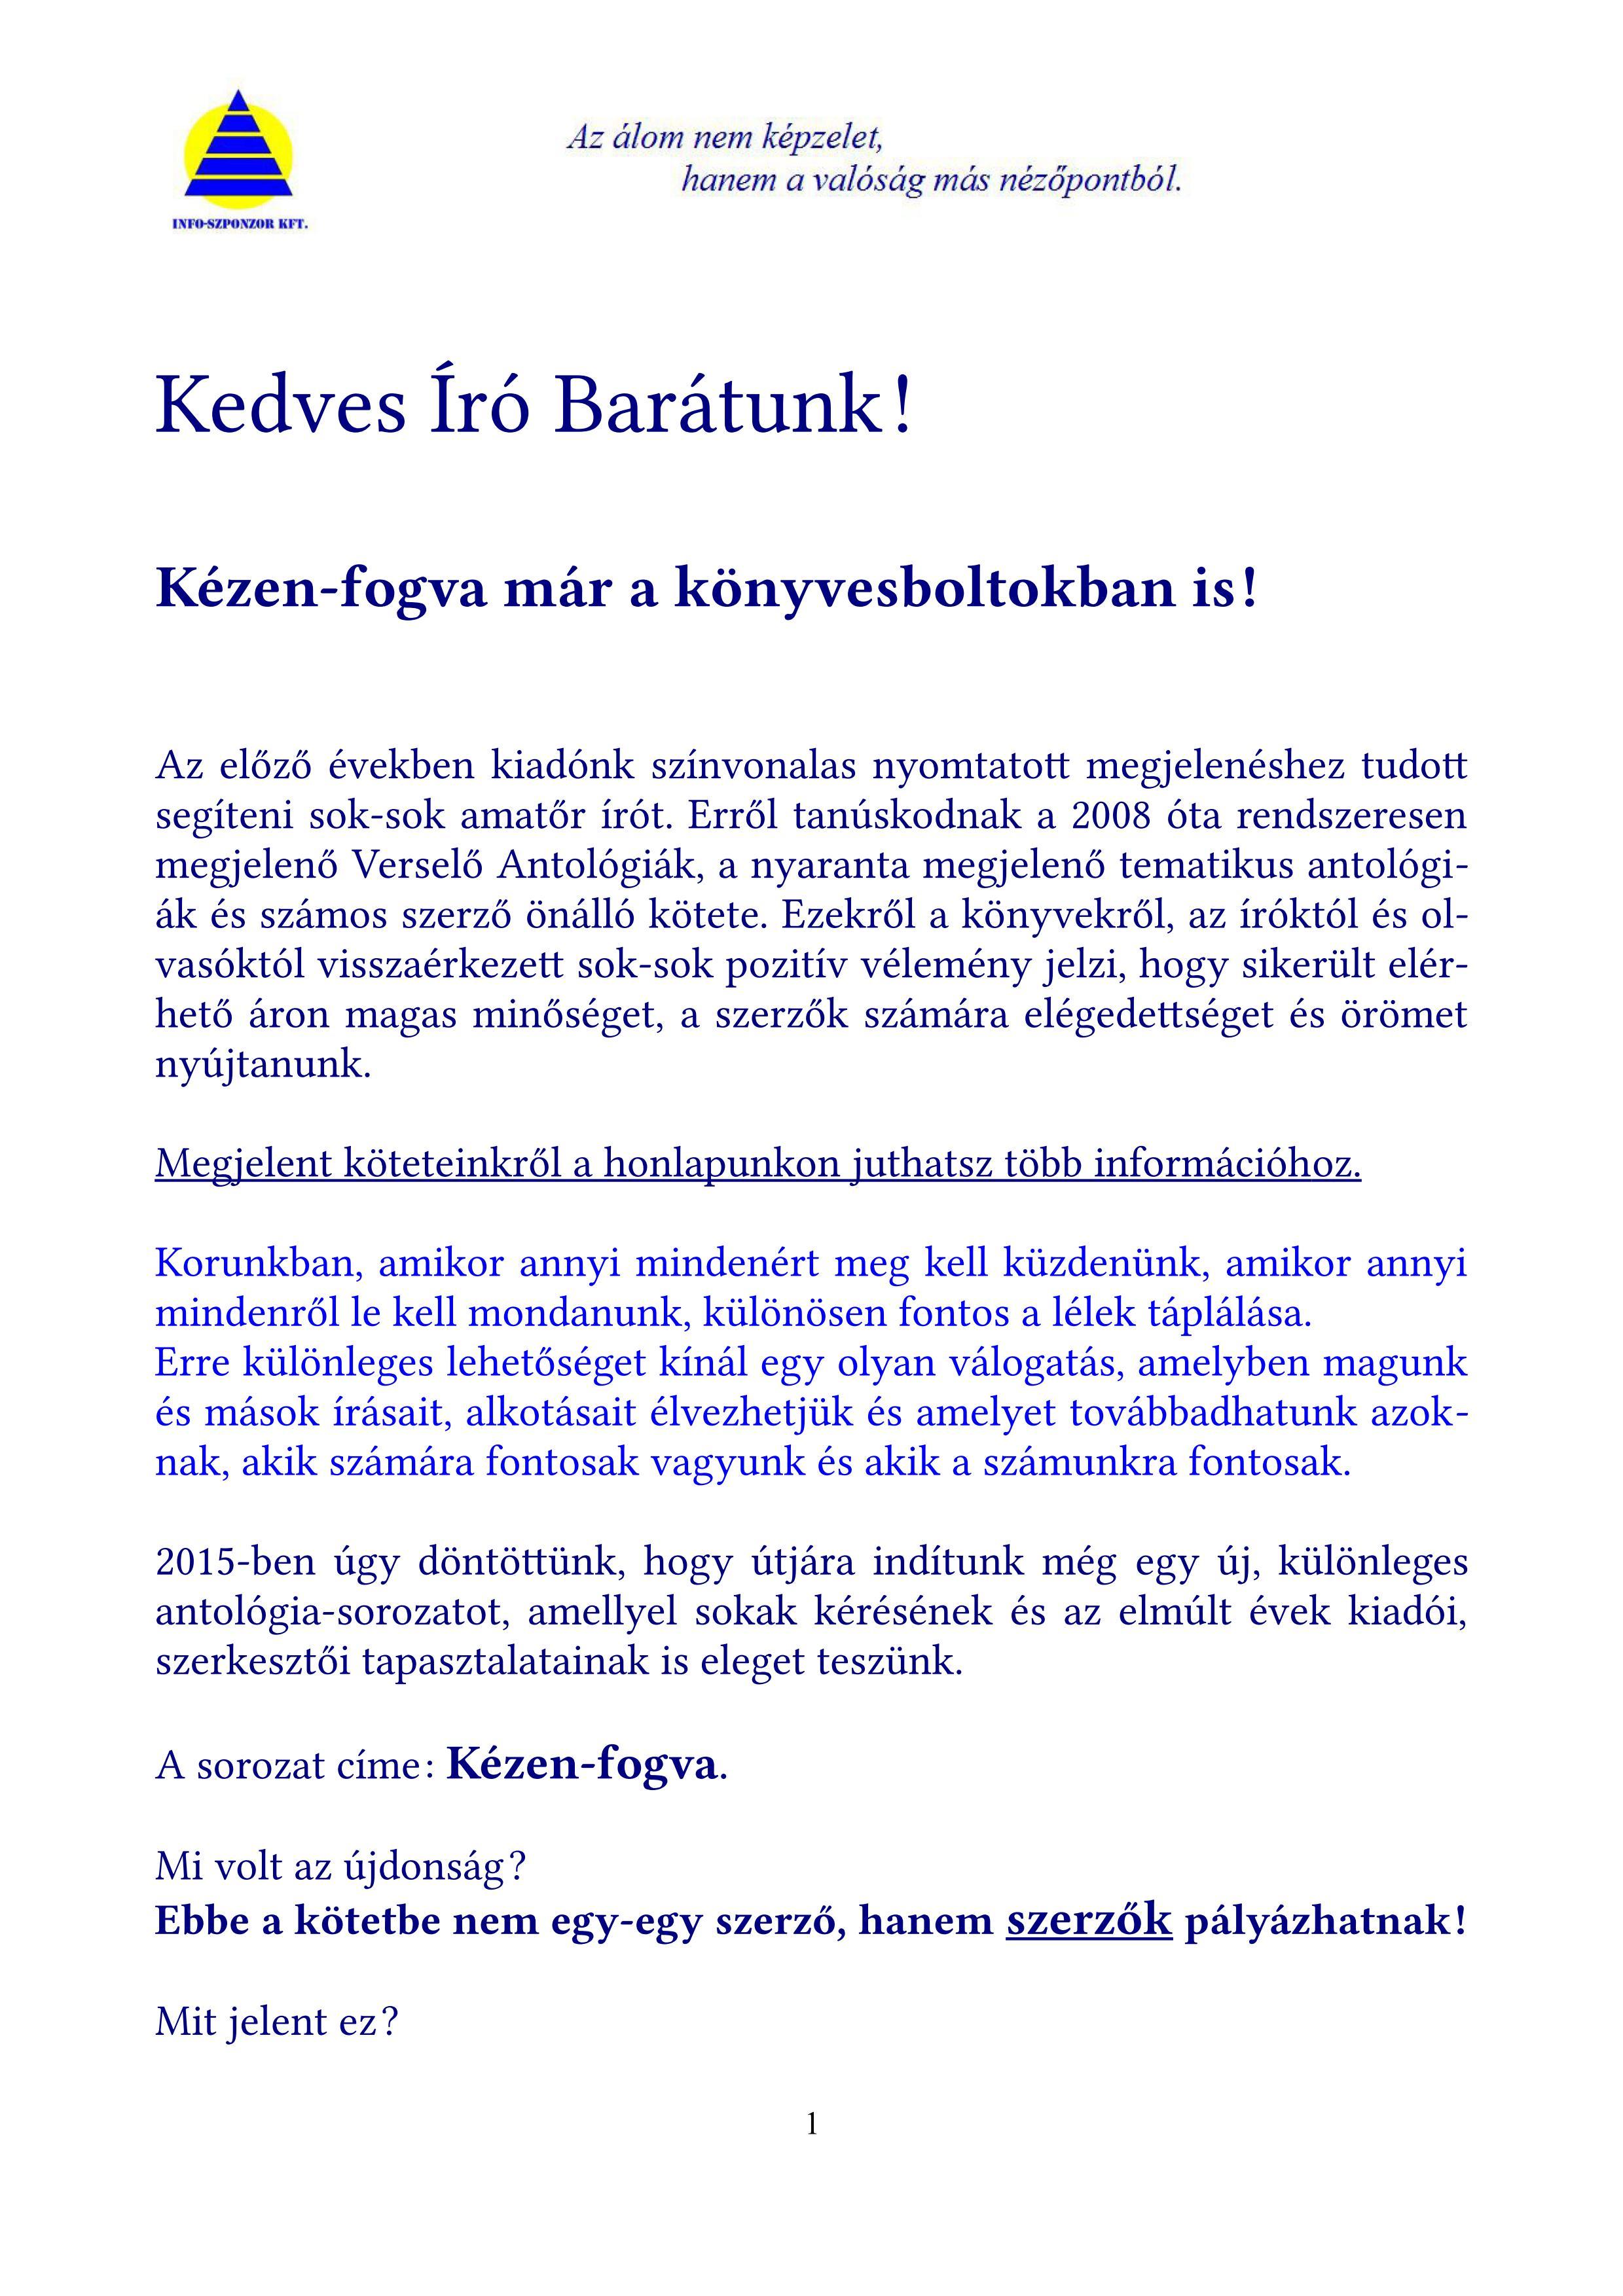 Kézen-fogva_2017_1